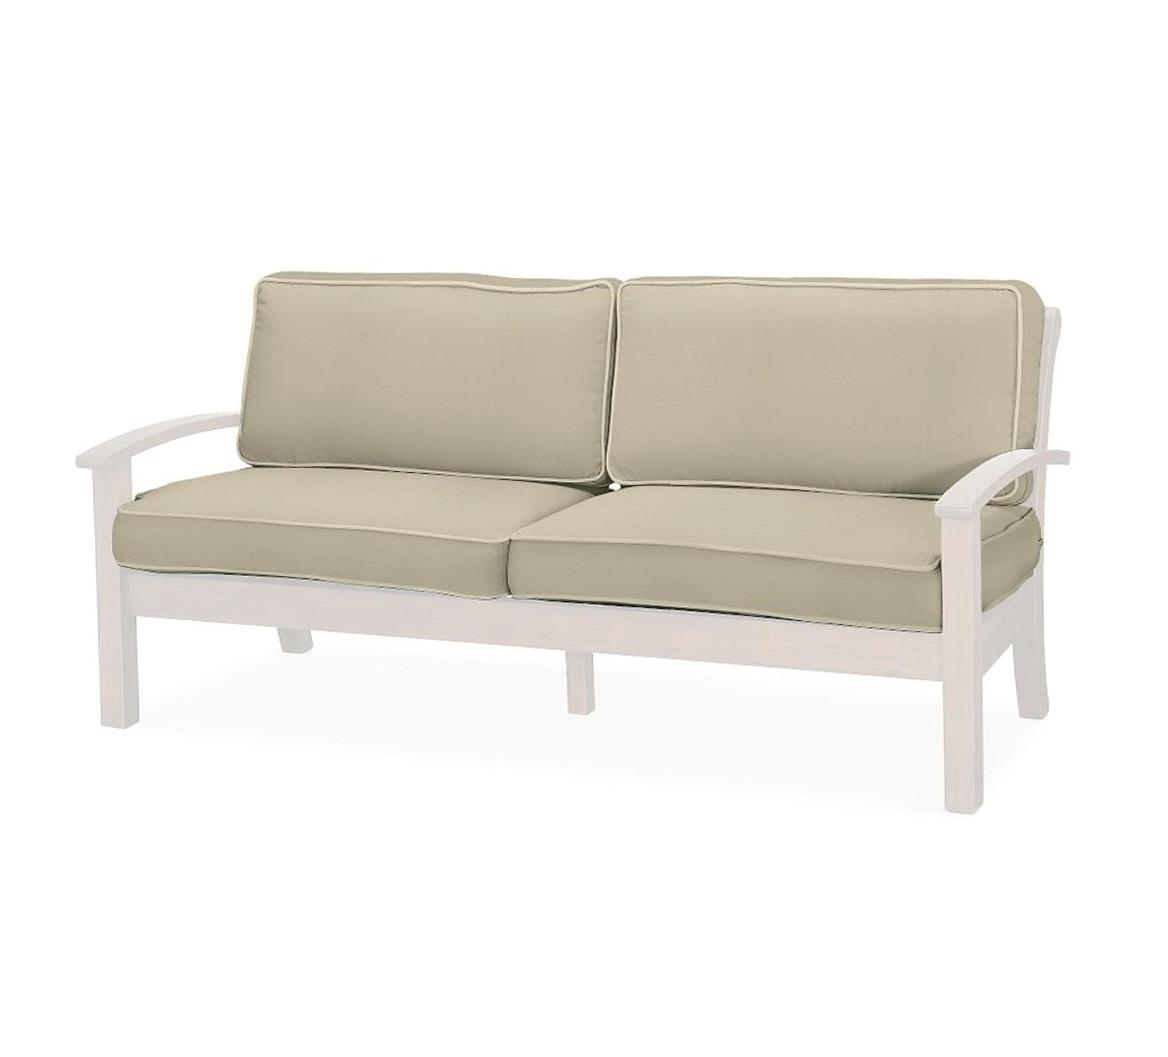 Cheap Outdoor Cushions Australia